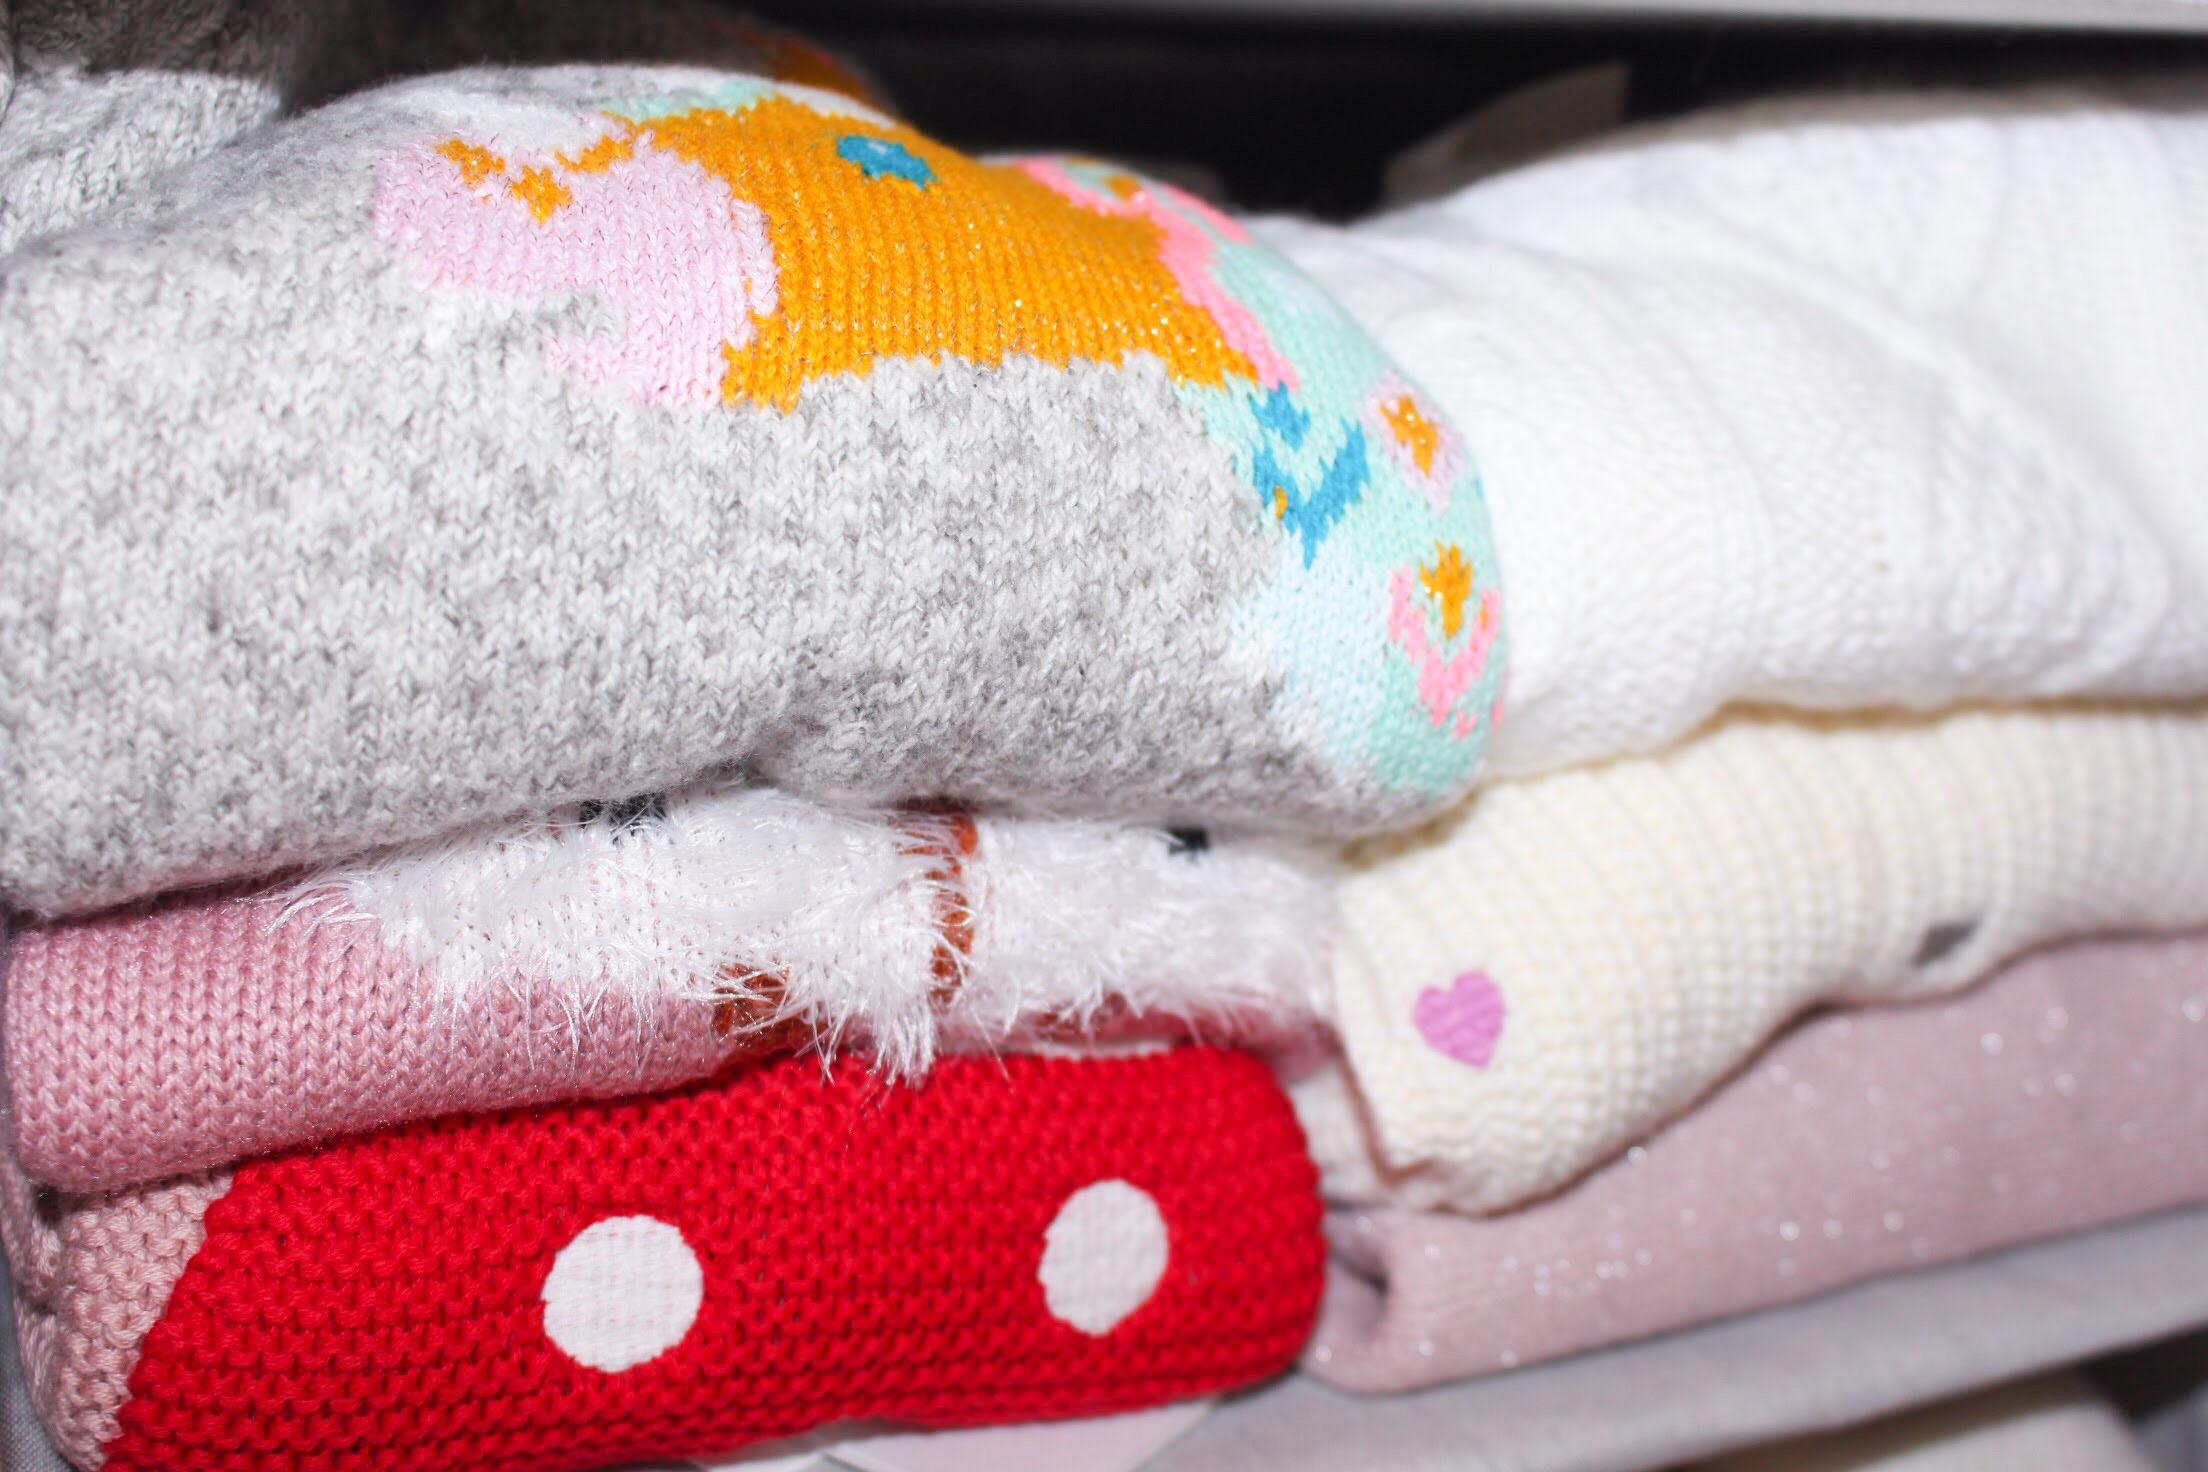 Toddler Closet - After 2